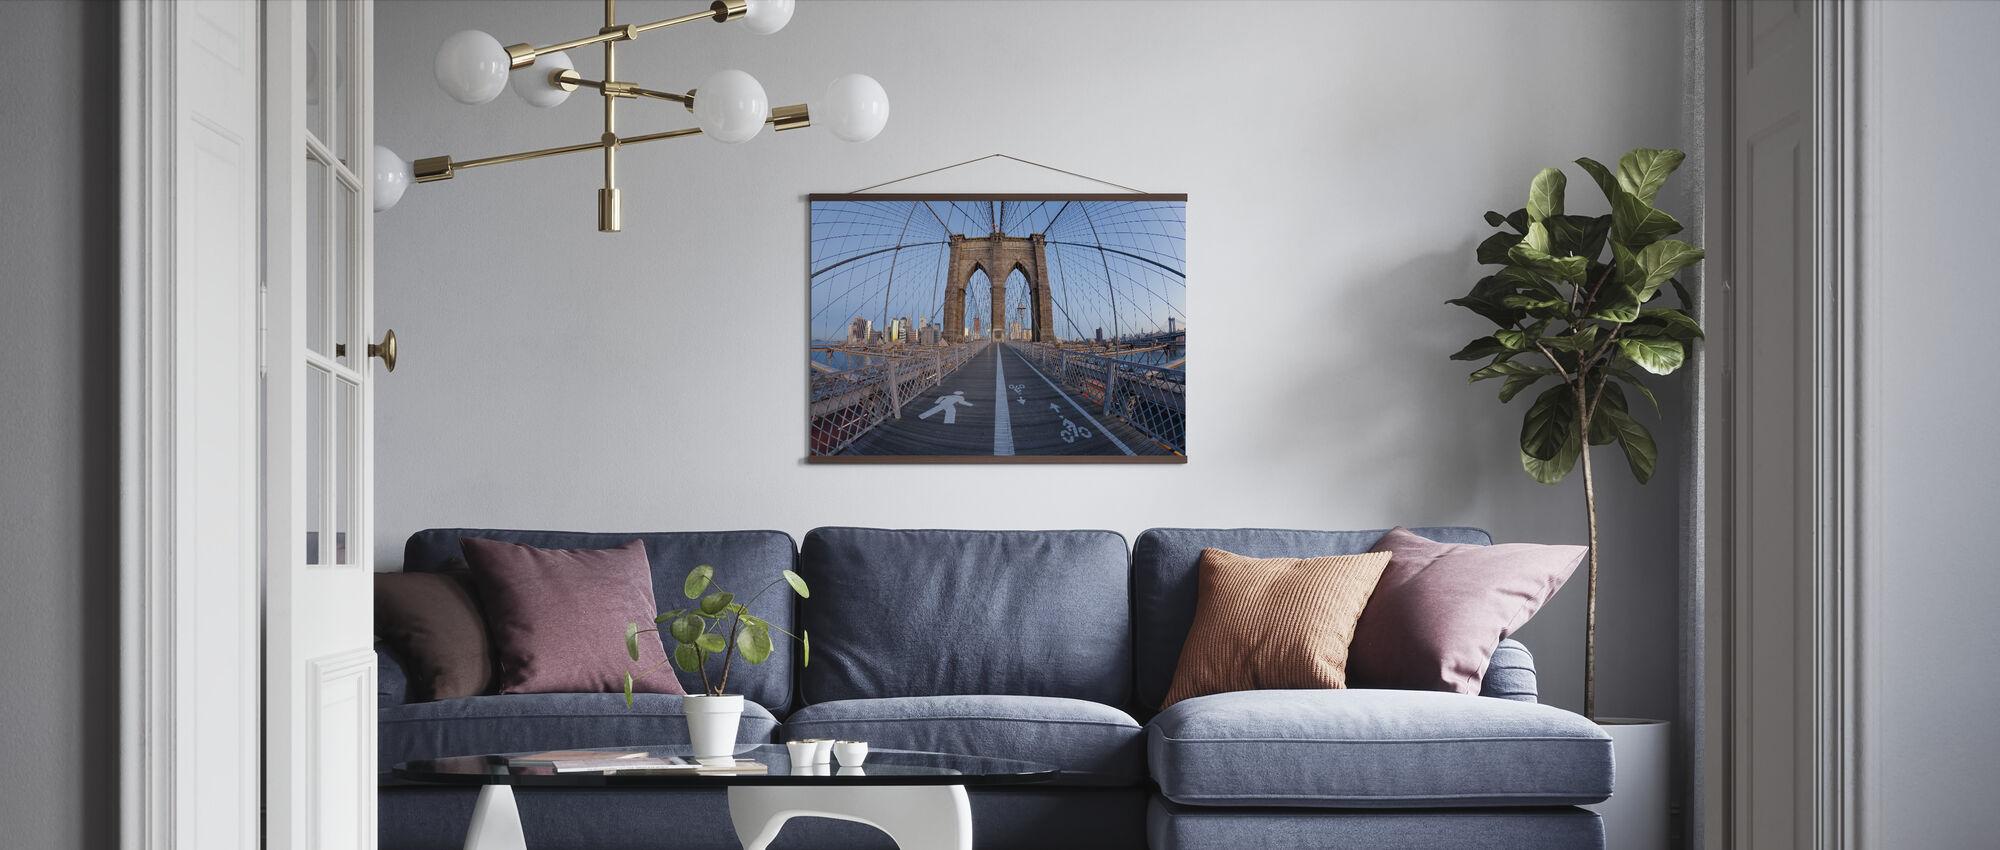 Brooklyn Bridge Walkway - Poster - Living Room